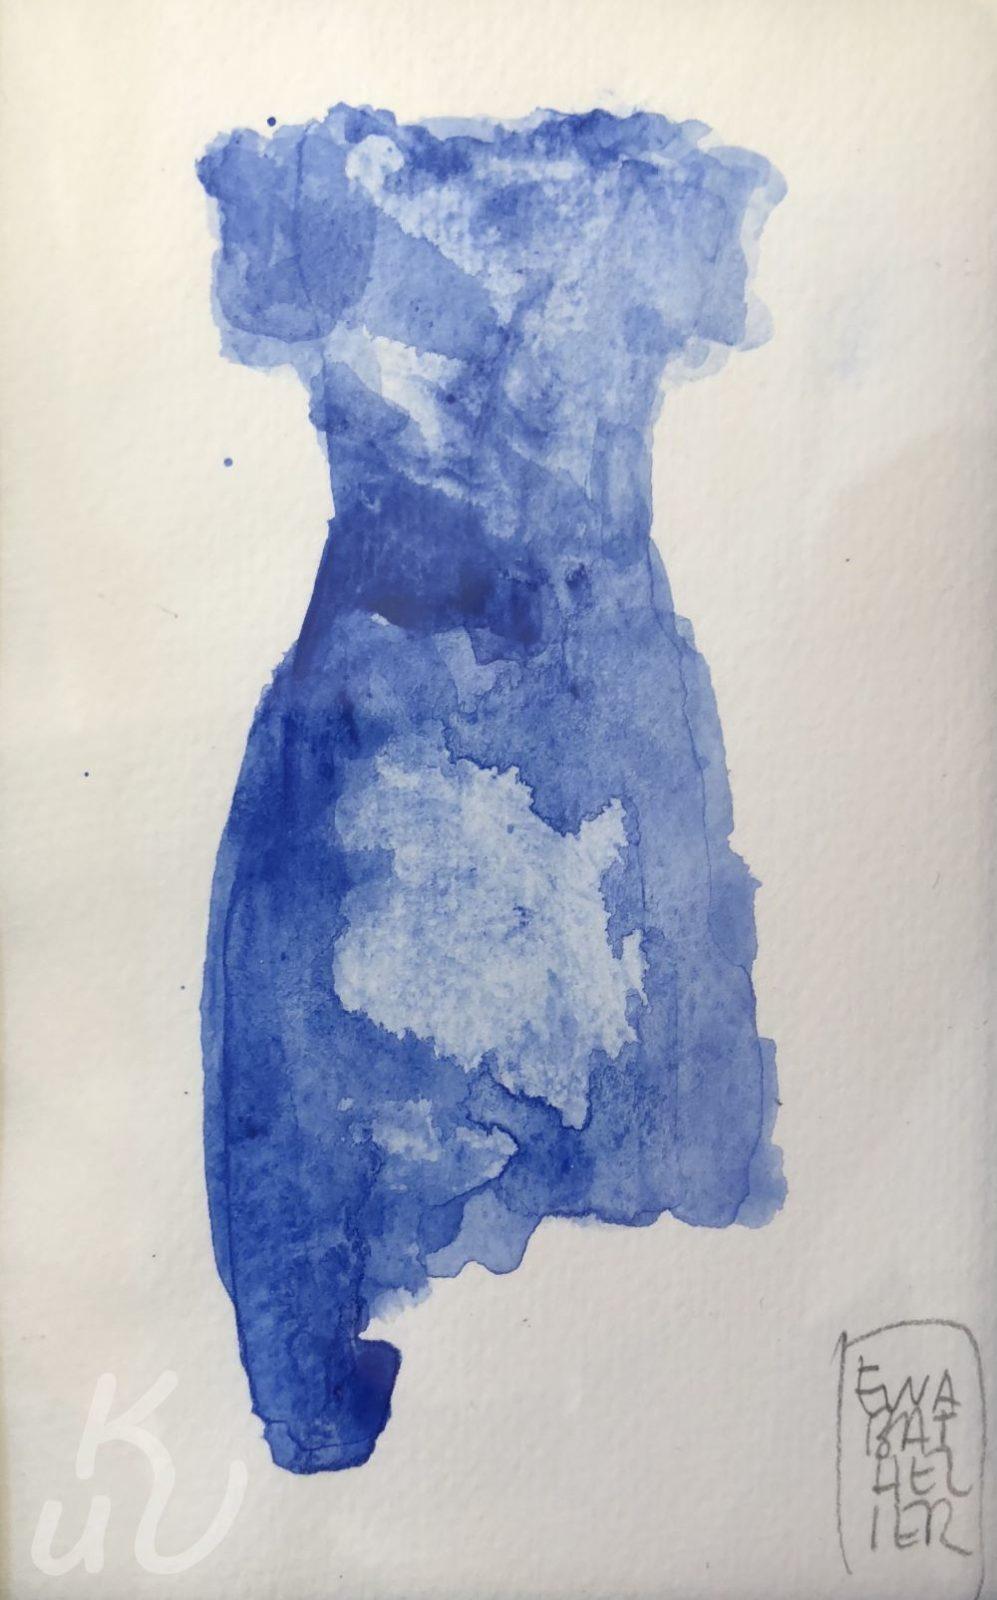 Aquarelle 5 von Ewa Bathelier